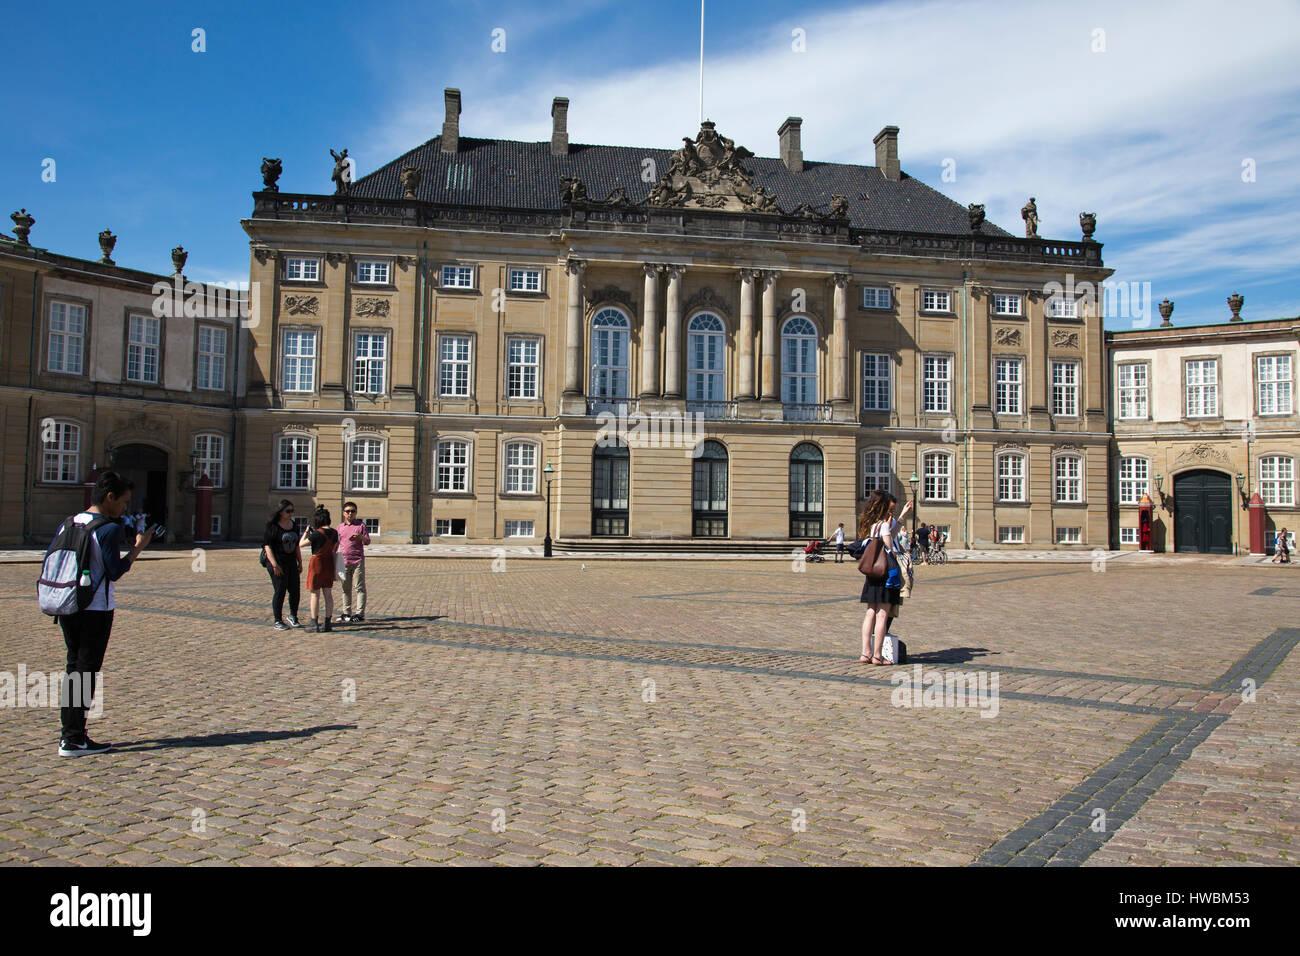 Amalienborg Palace, Copenhagen, Denmark - Stock Image